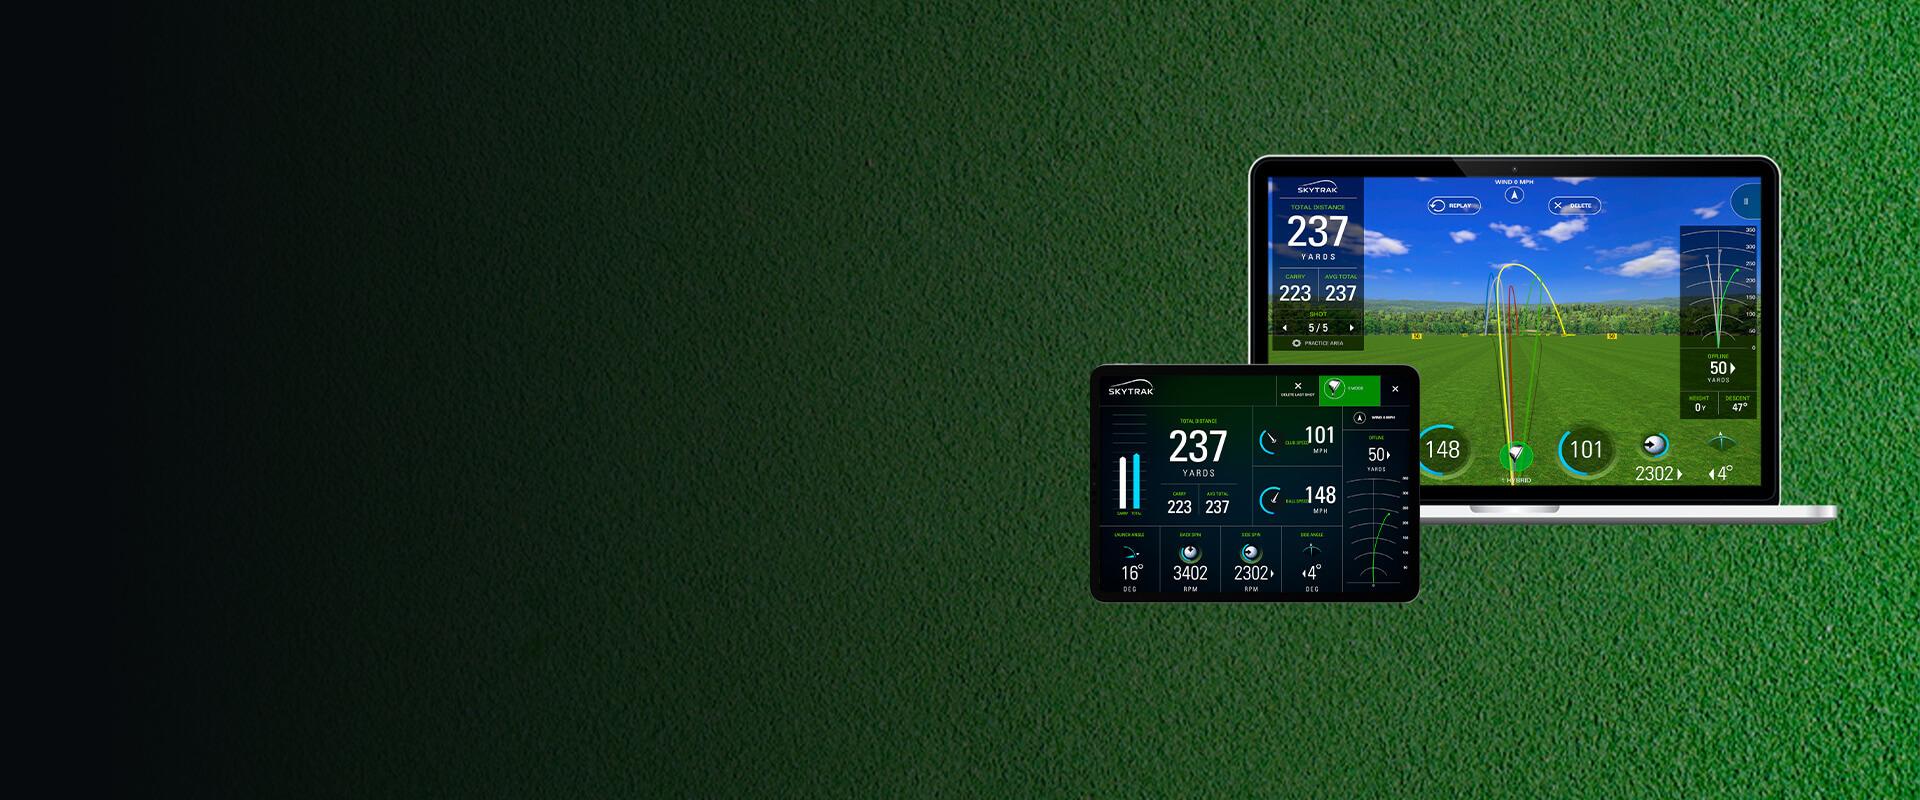 SkyTrak Golf Simulation Platform - Visartech Portfolio